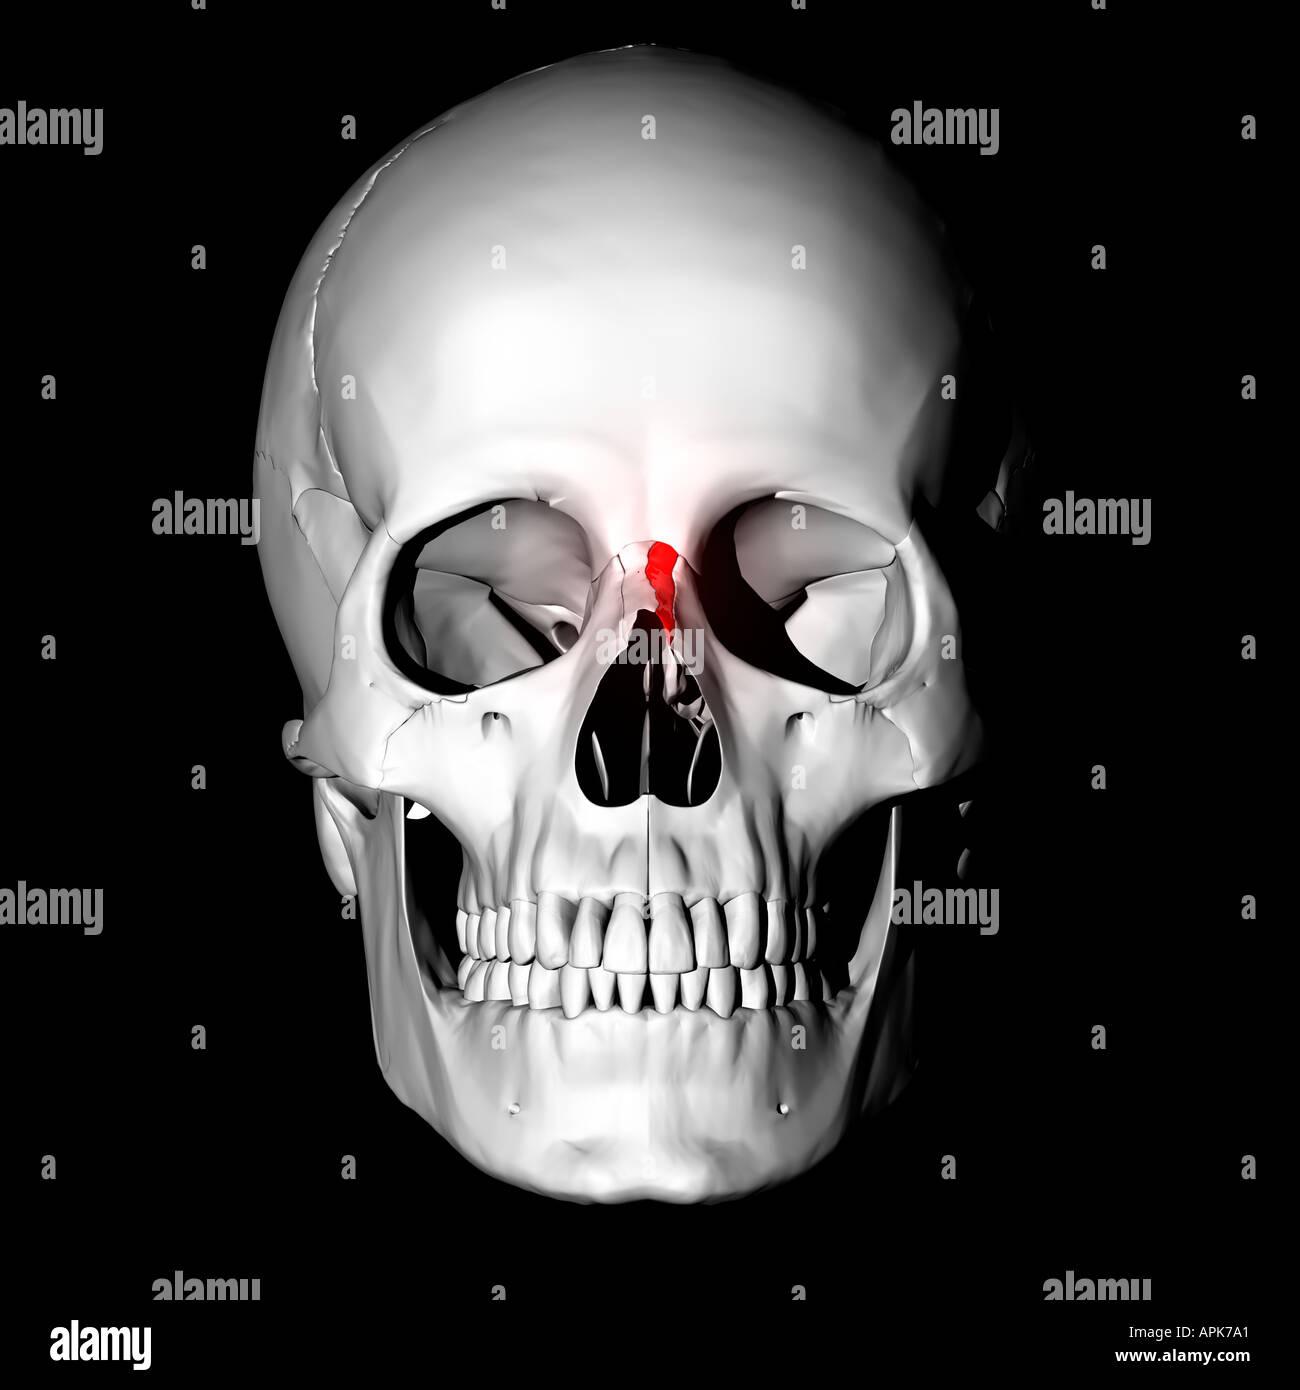 Nasenbein hervorgehoben rot am menschlichen Schädel Stockfoto, Bild ...